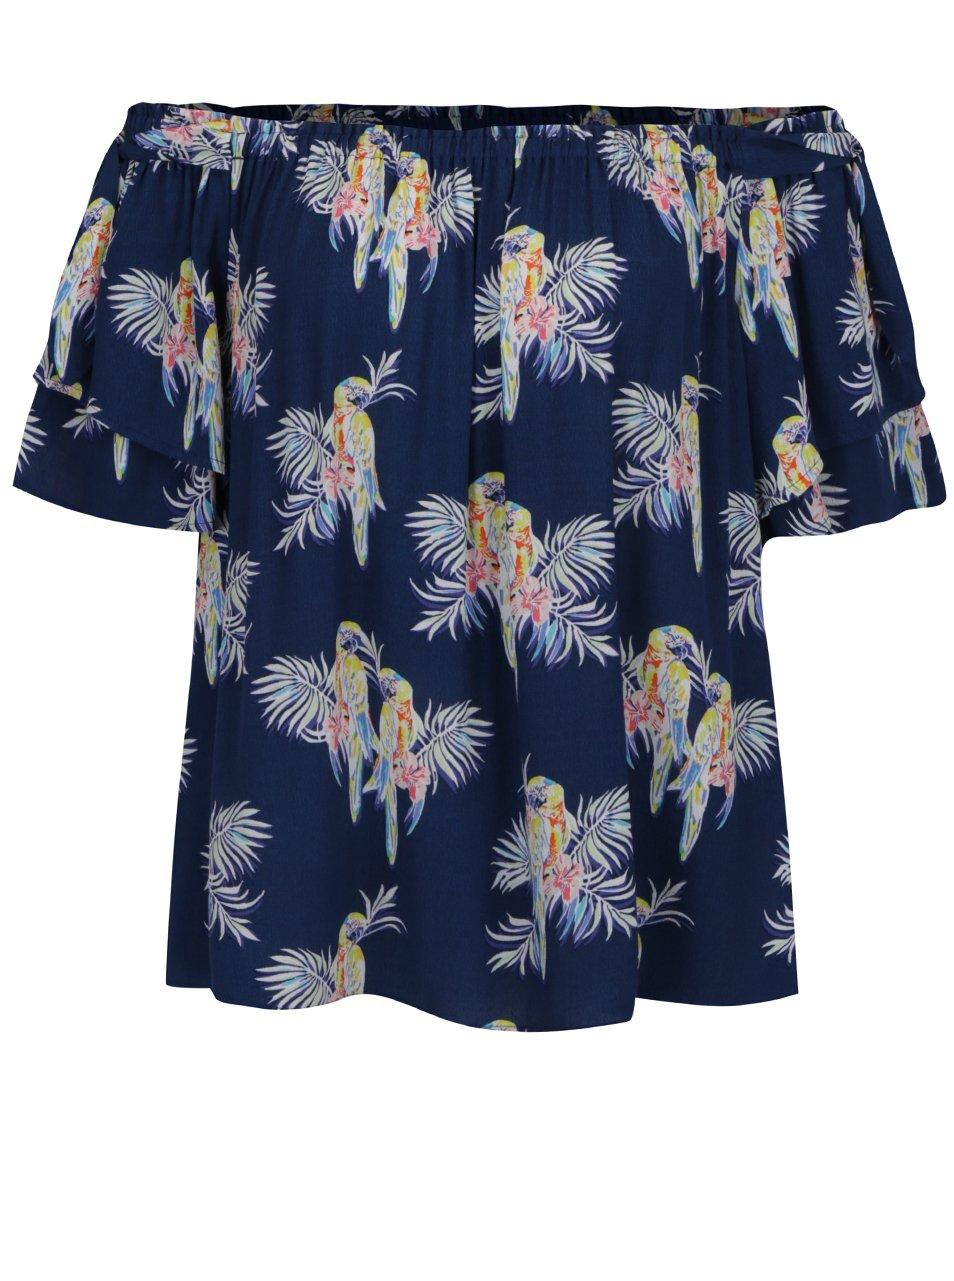 Tmavě modrá volná halenka s motivem papoušků a odhalenými rameny Juicy Couture